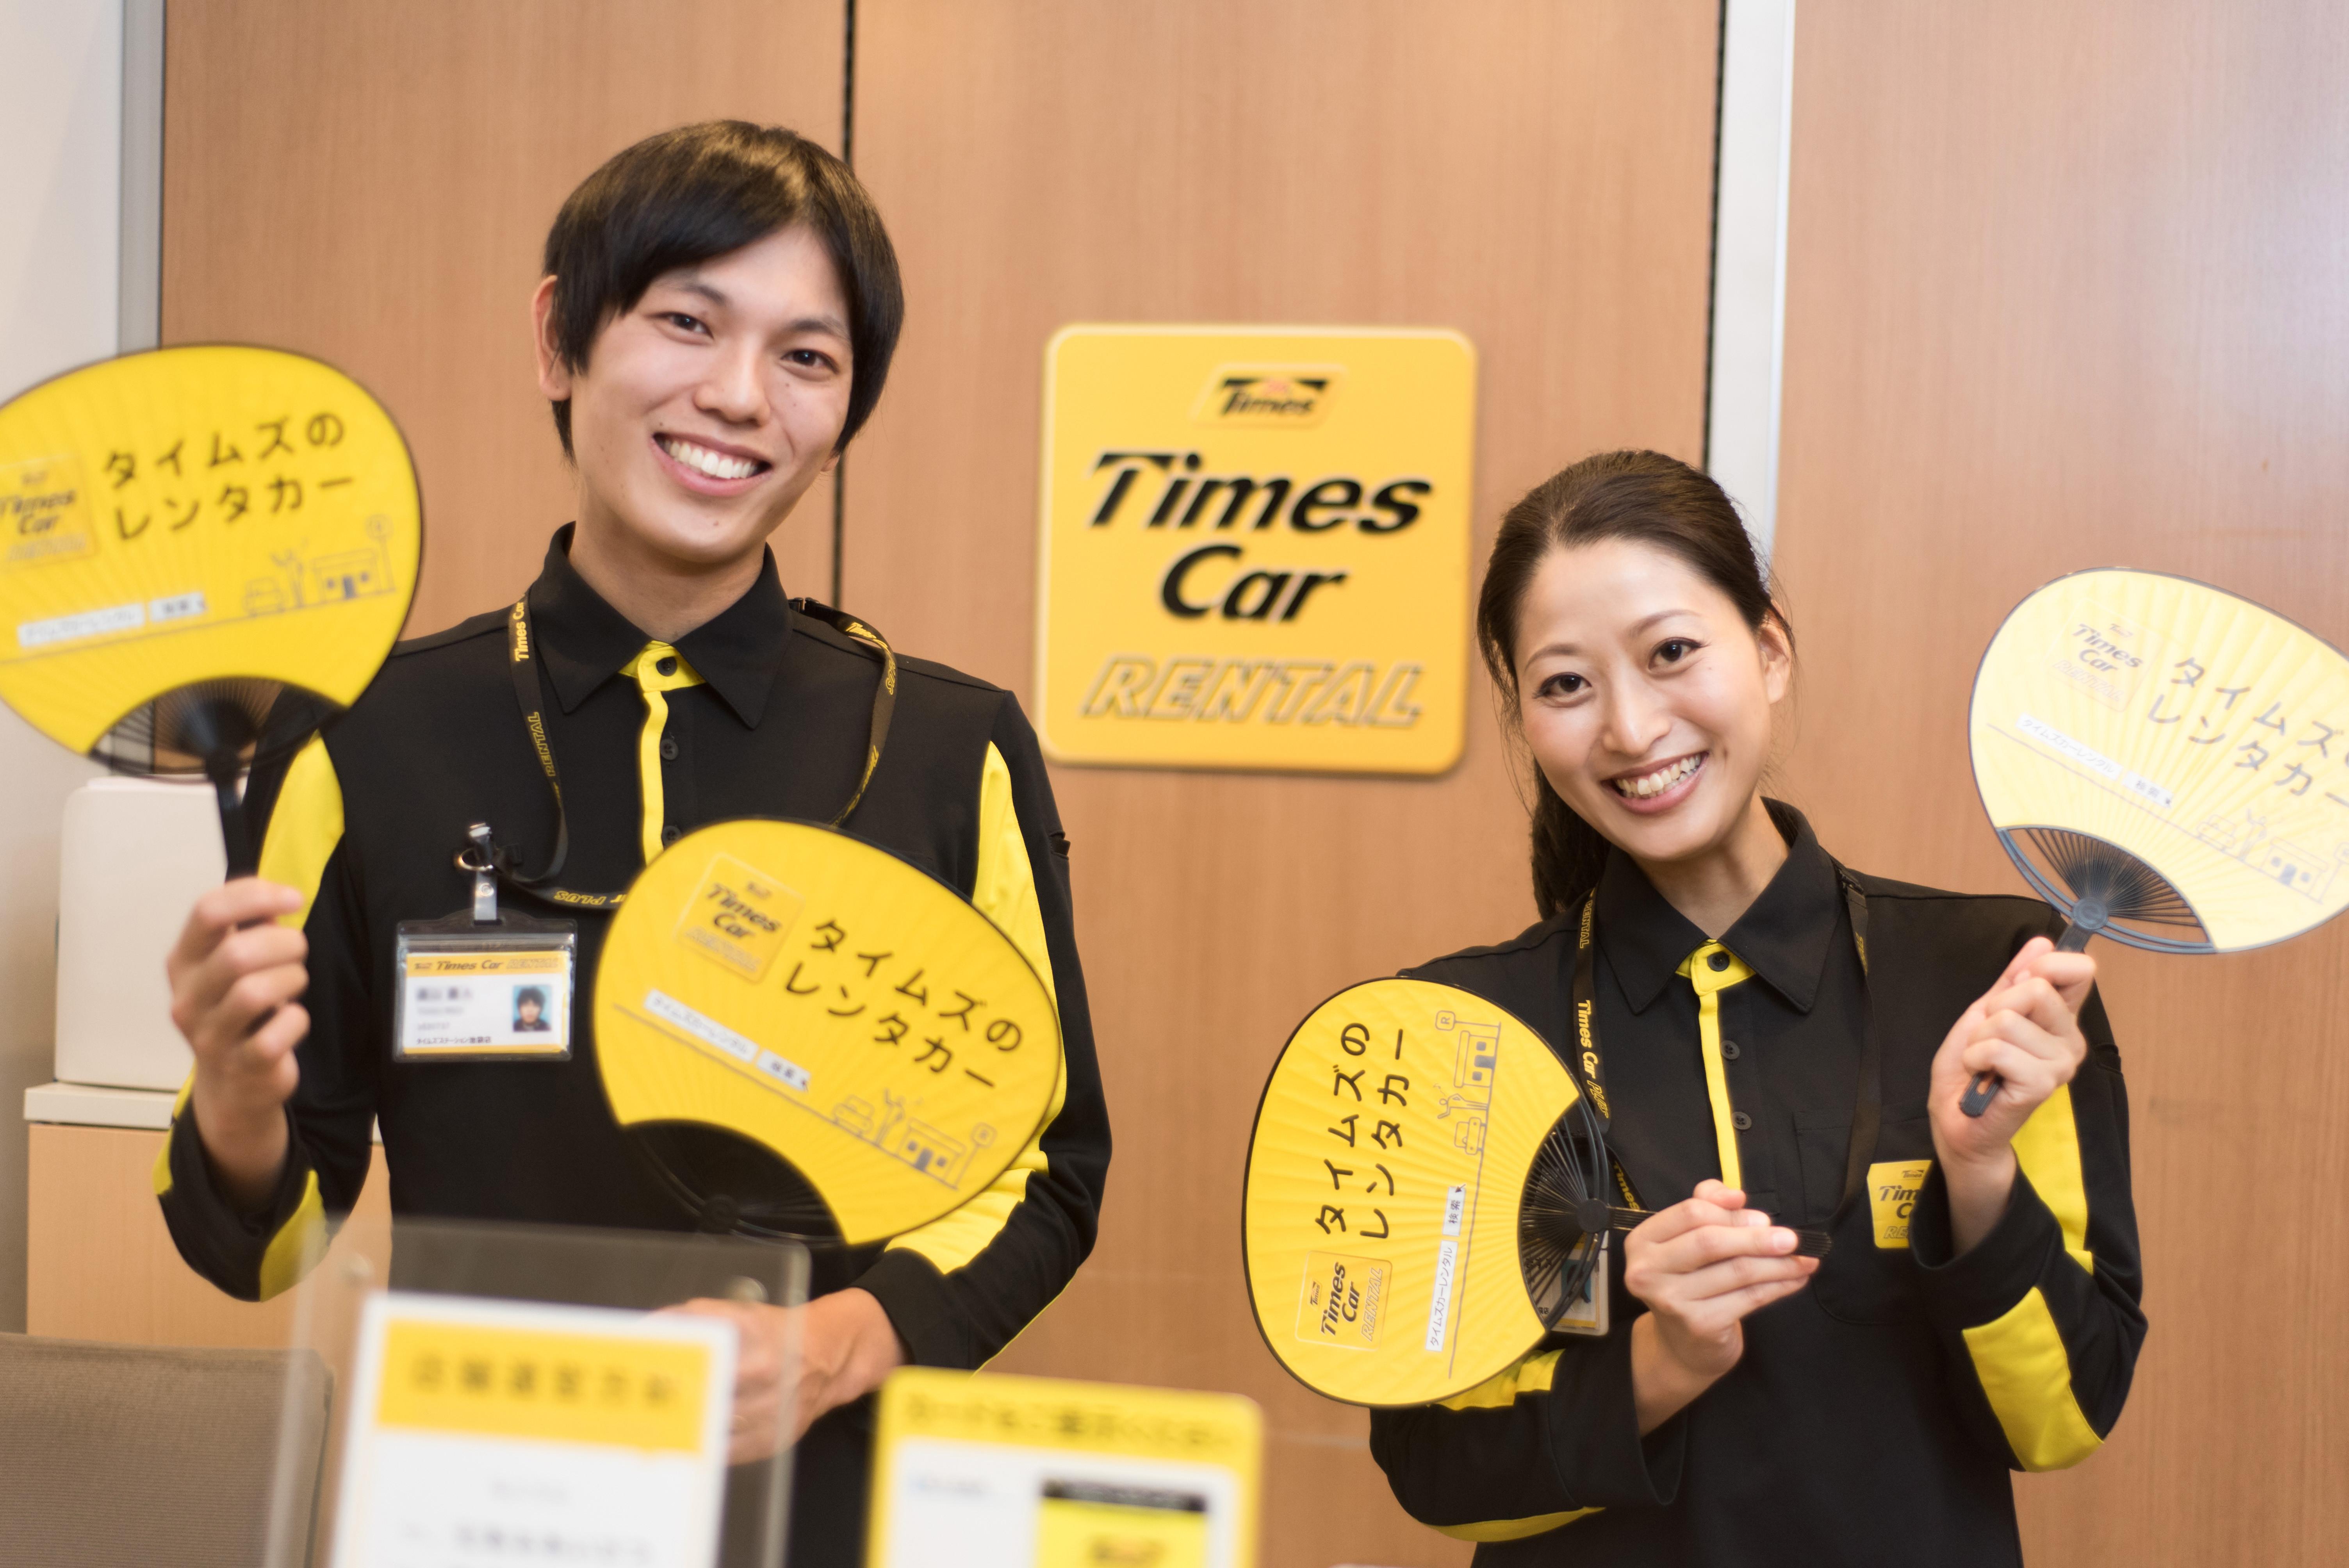 タイムズカーレンタル 船橋店 のアルバイト情報